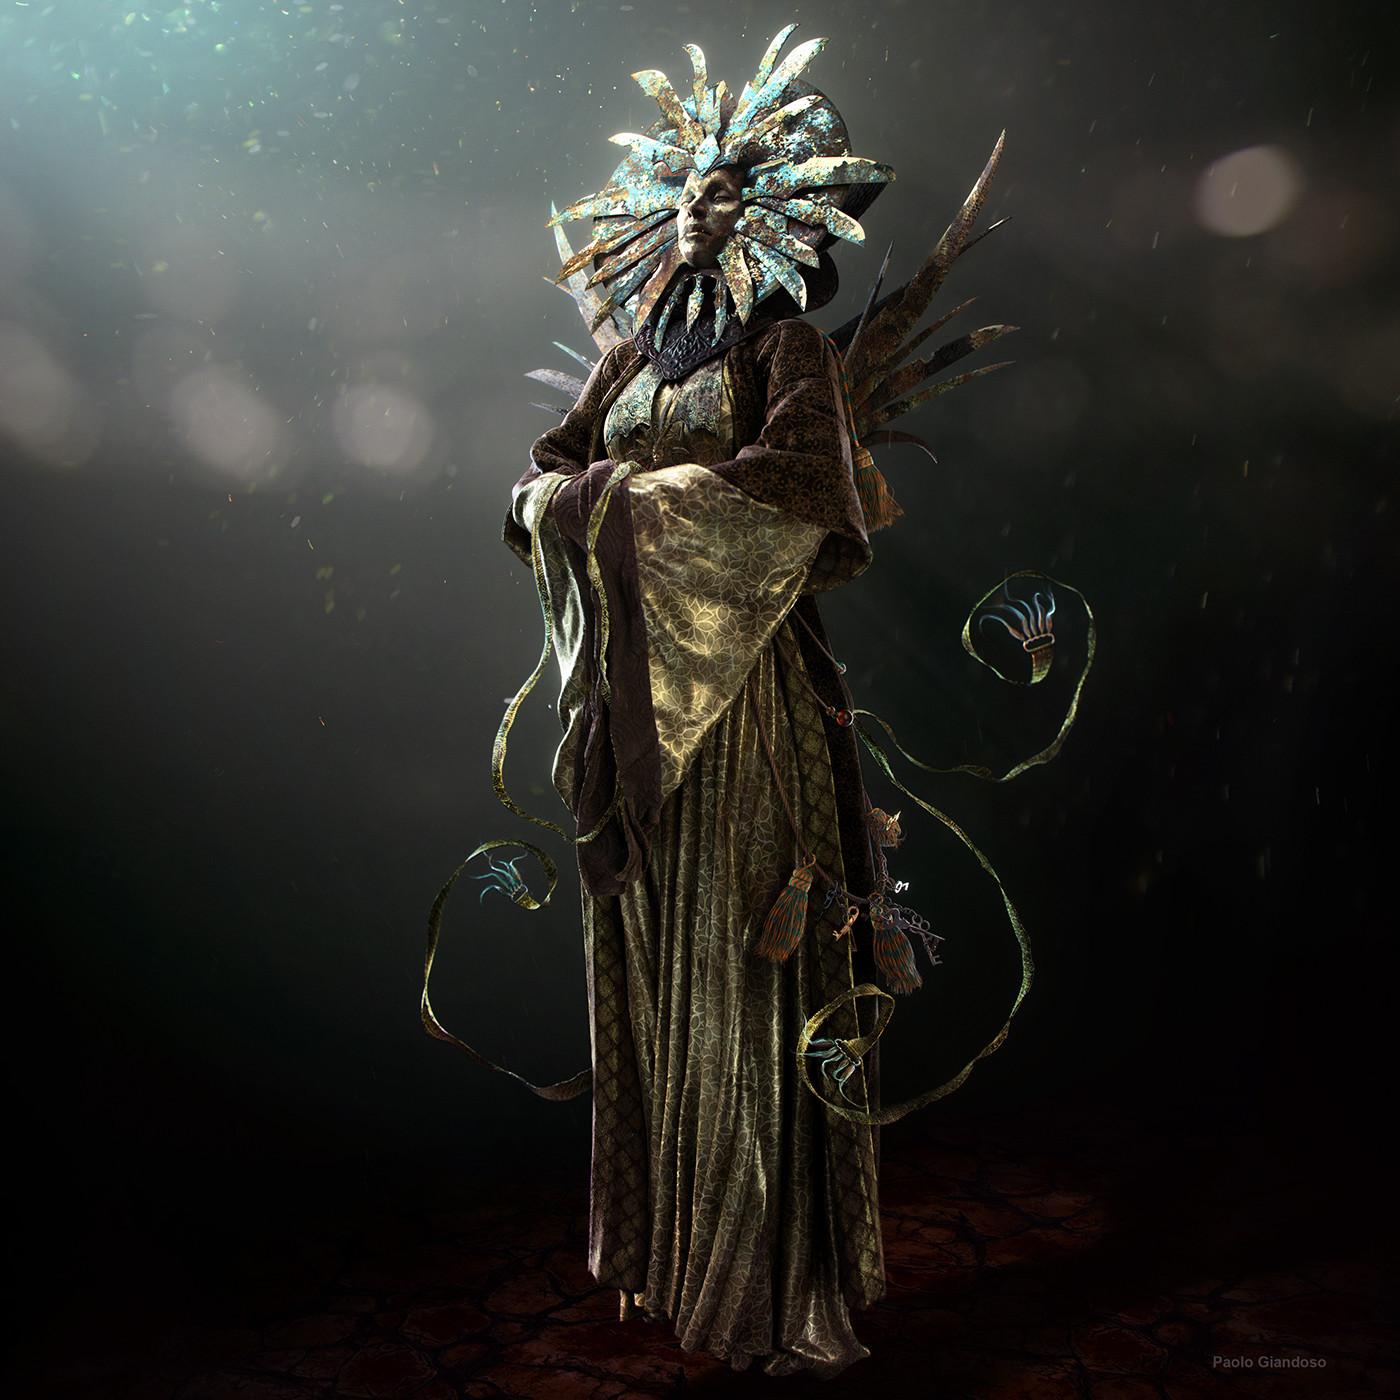 """giandoso lady of pain 3d """"Her Serenity"""", Render 3D di Sua Serenità - by Paolo Giandoso www.artstation.com (2016-01) © dell'autore tutti i diritti riservati"""